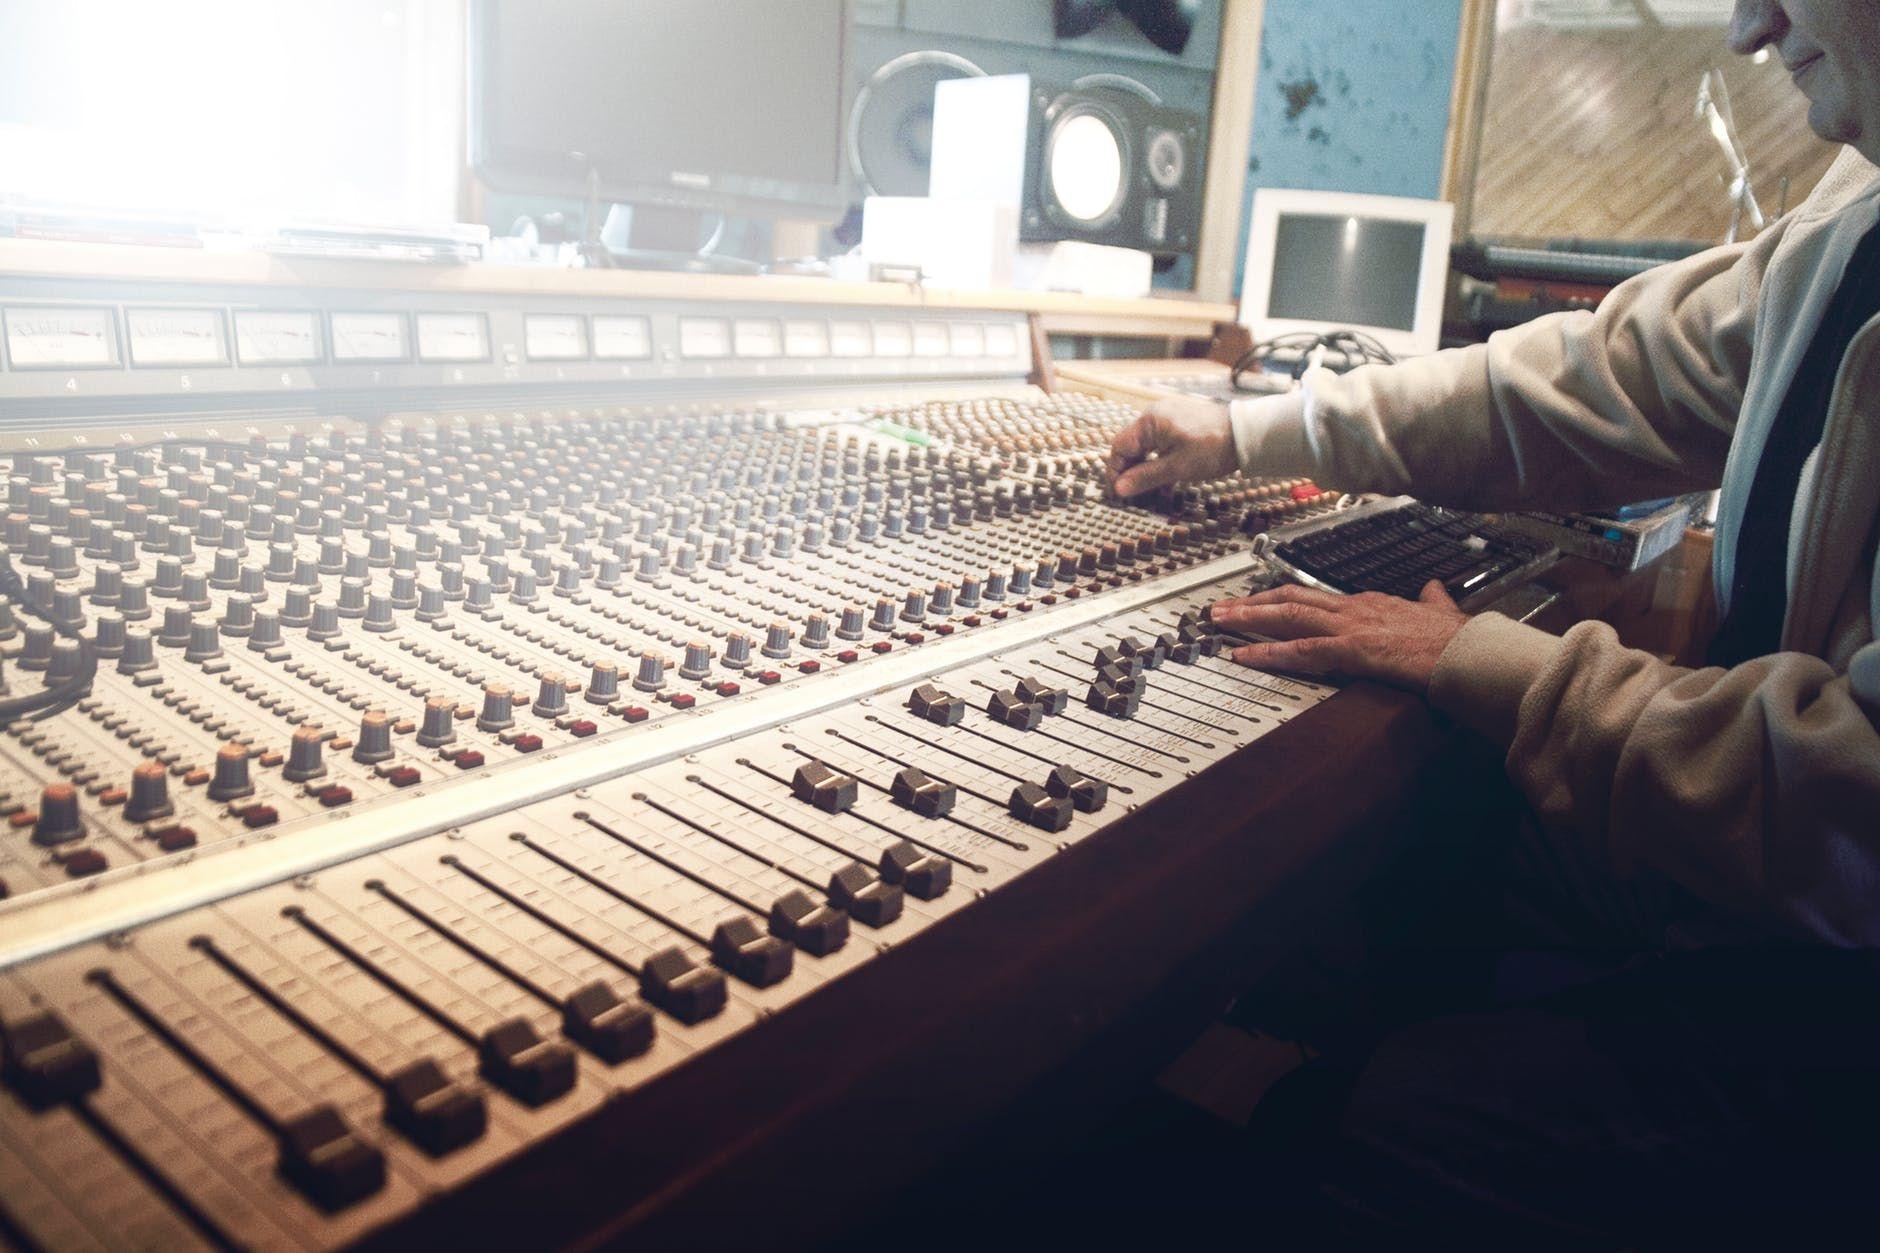 Se o produtor musical for o produtor fonográfico, você deixa de ser o dono de sua música